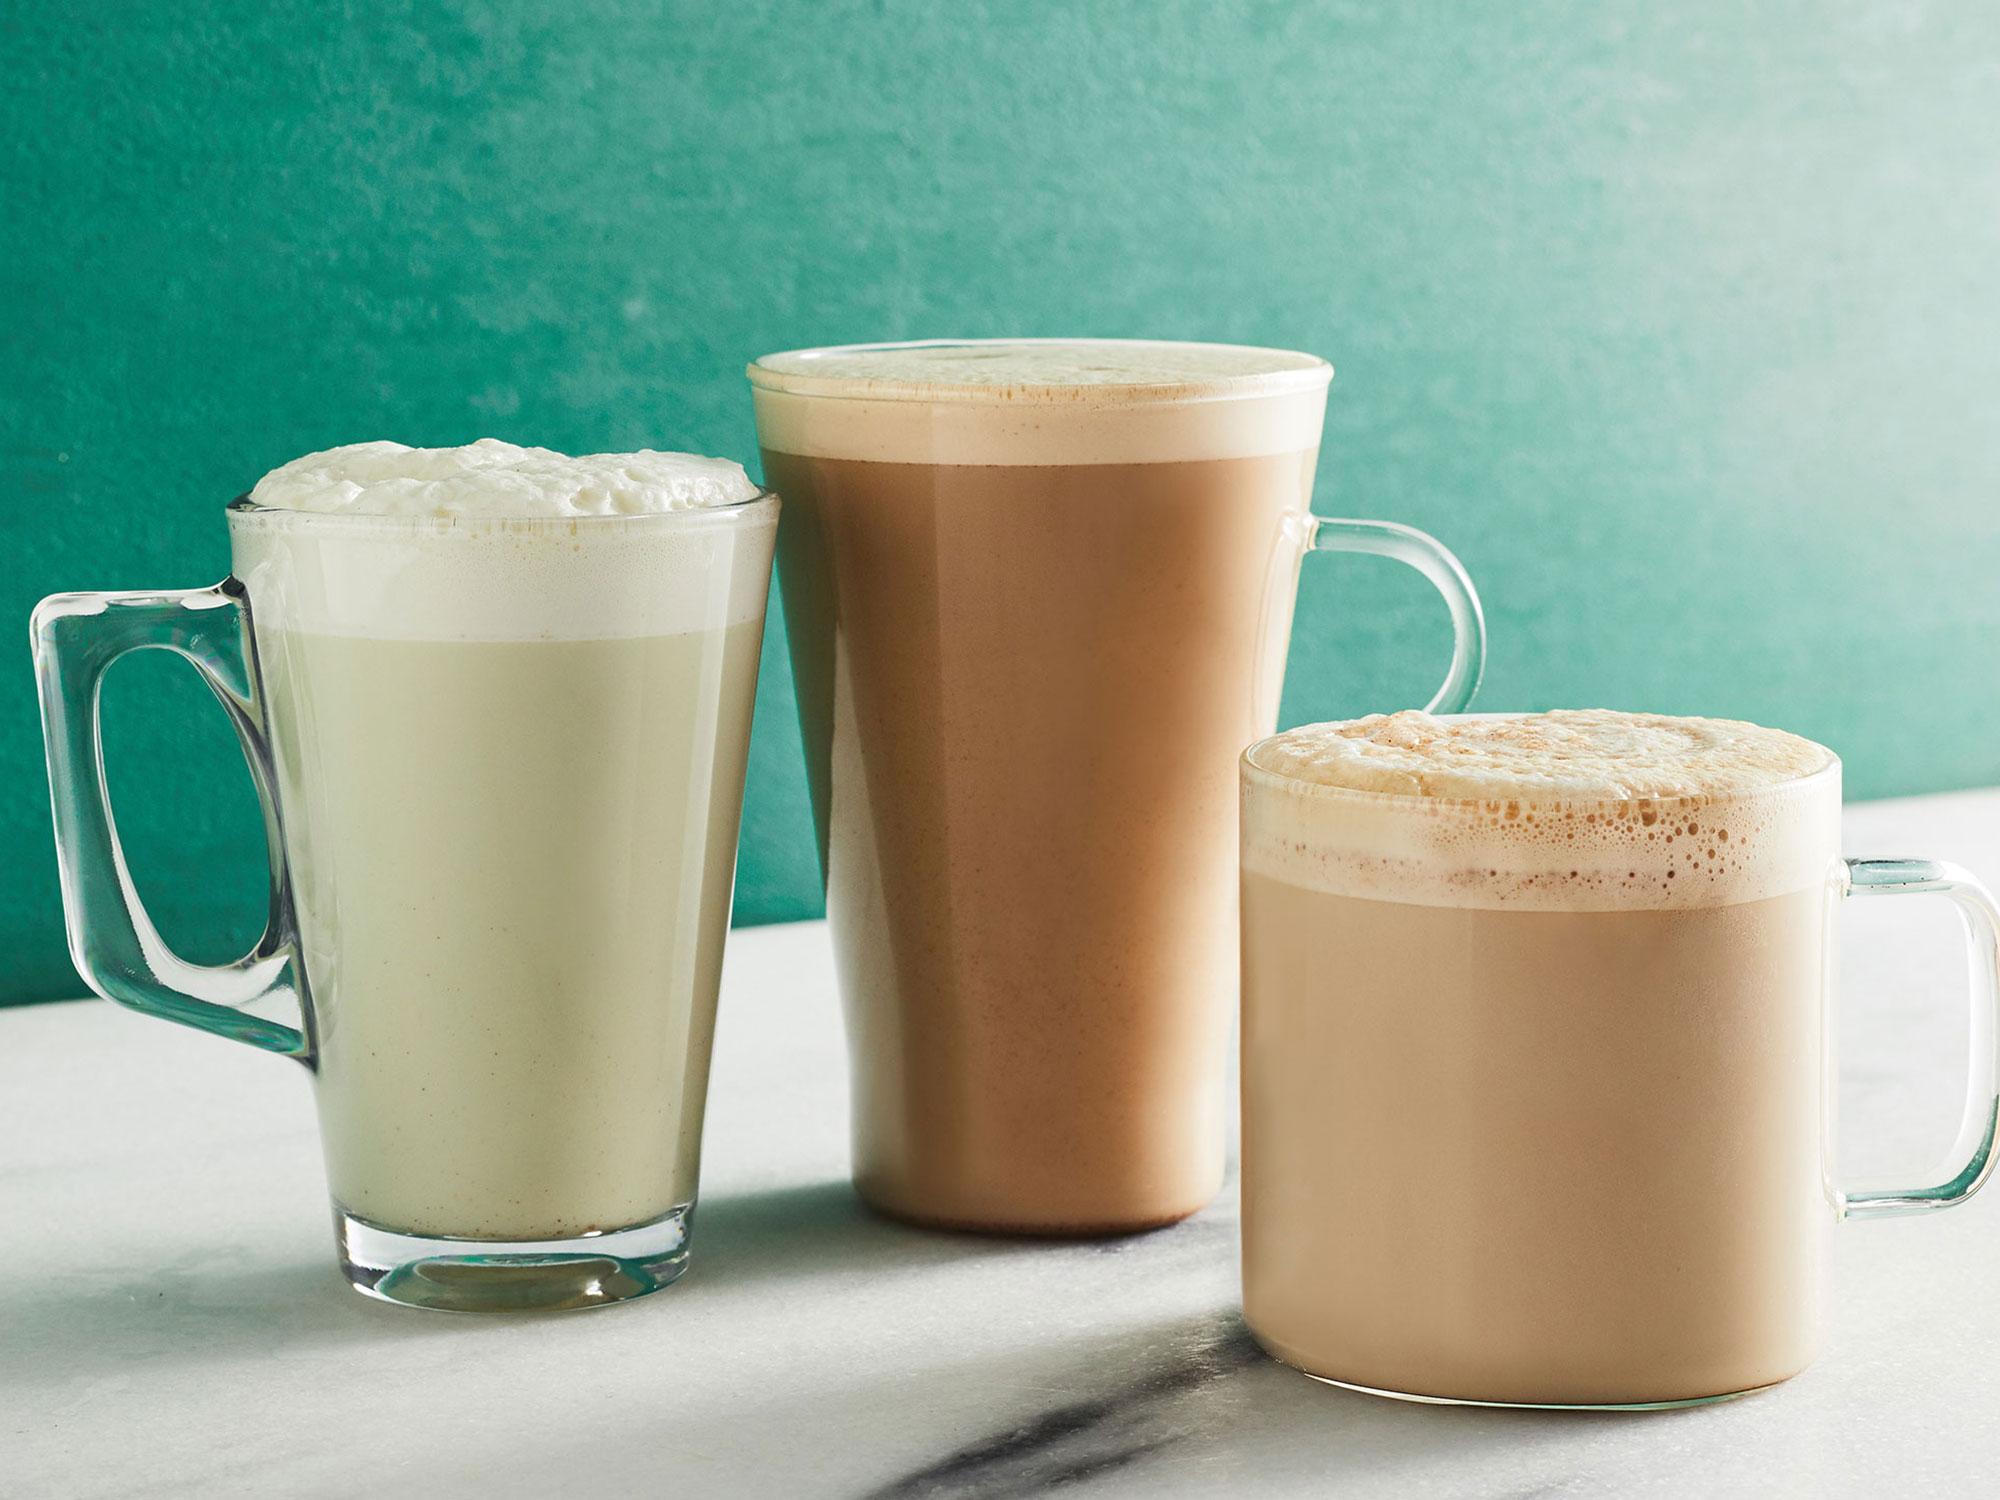 eccereal-milk-latte-video-inline.jpg